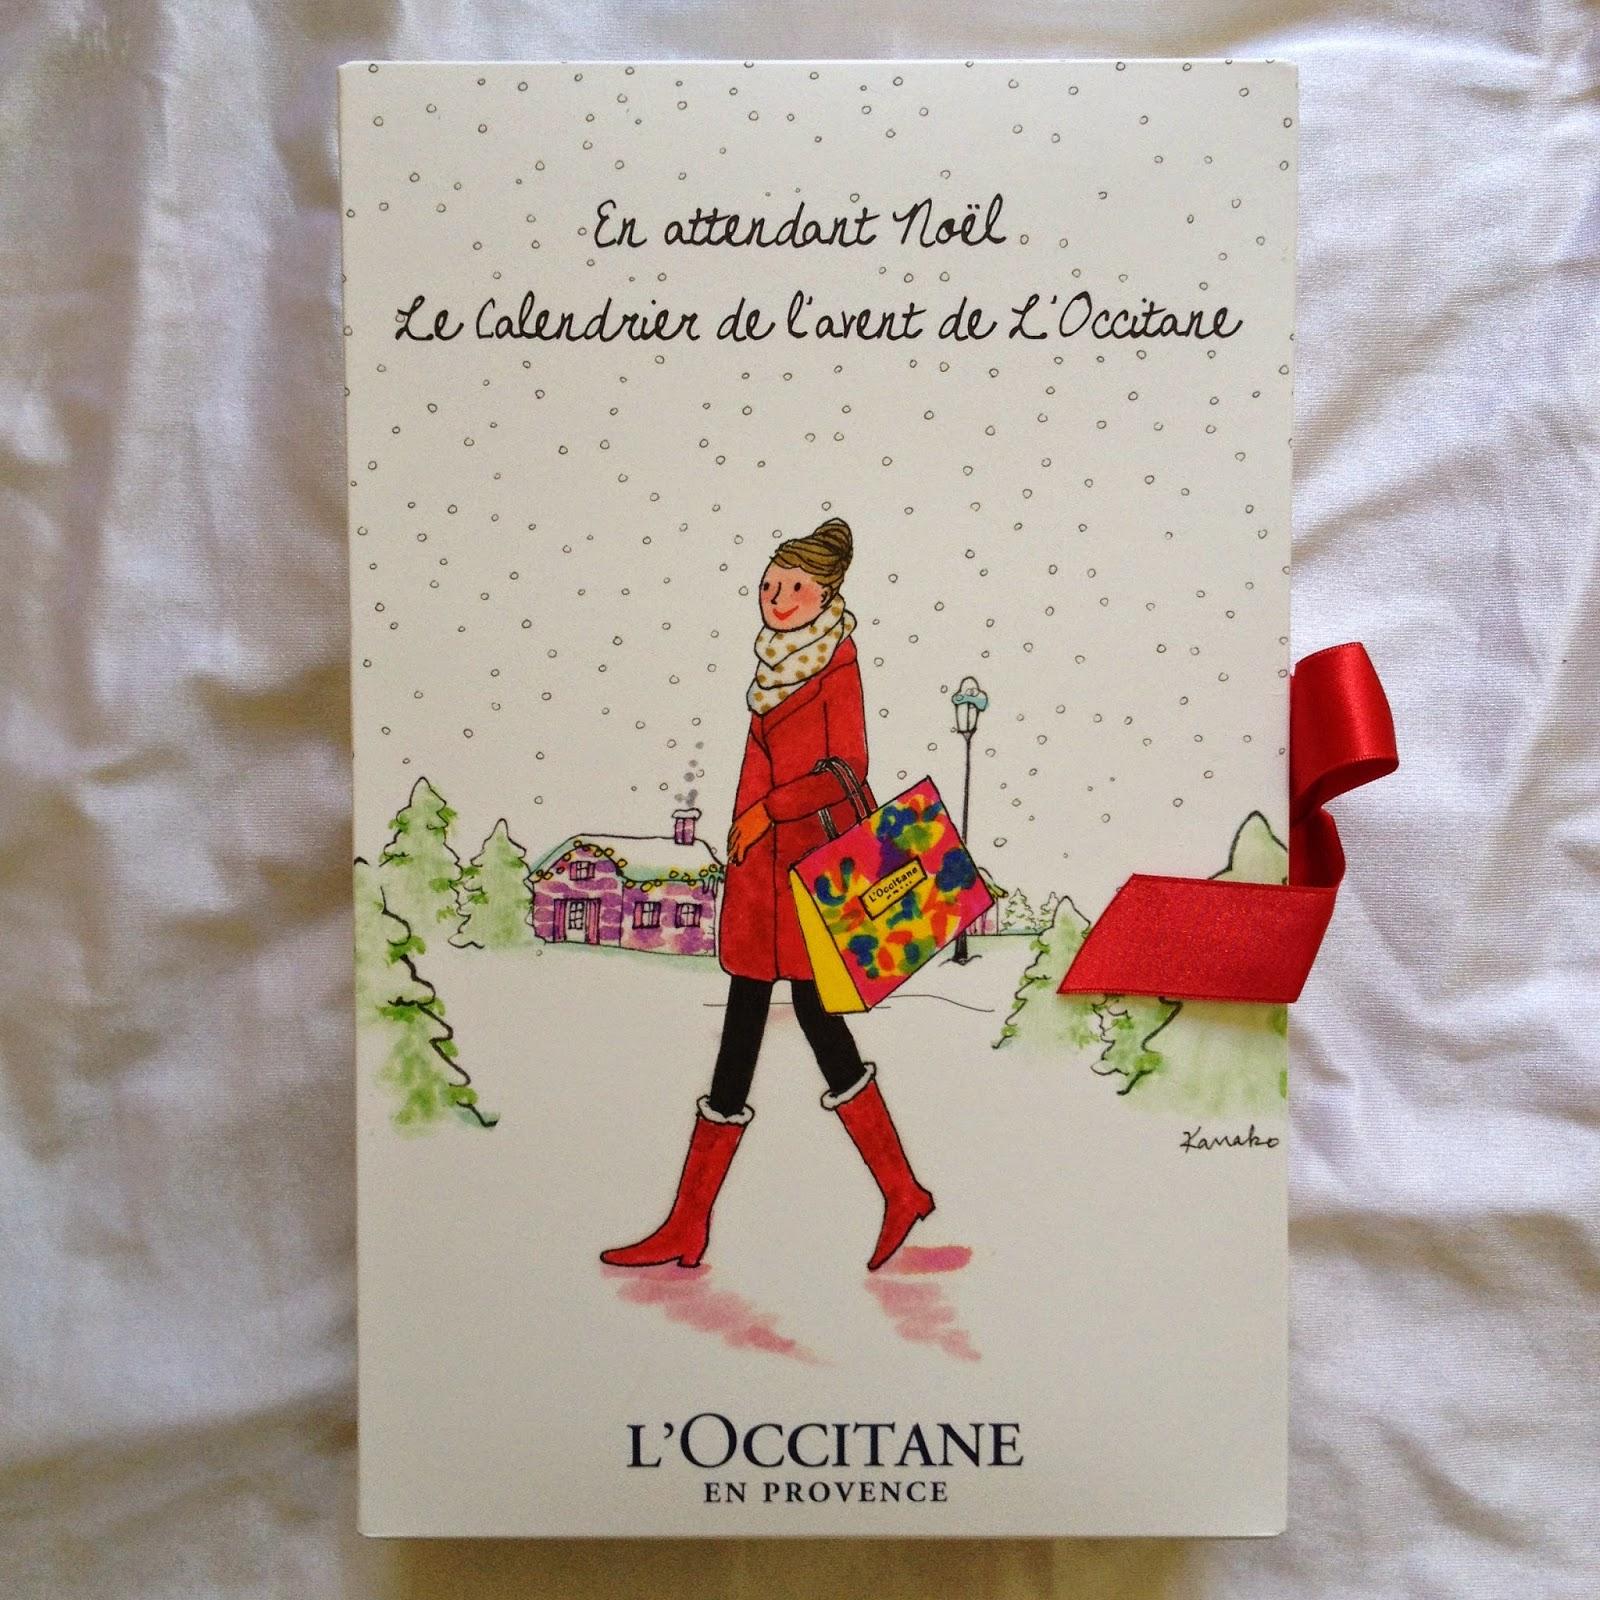 Calendrier Avent Loccitane.Le Journal De Prisci Mon Avis Sur Le Calendrier De L Avent